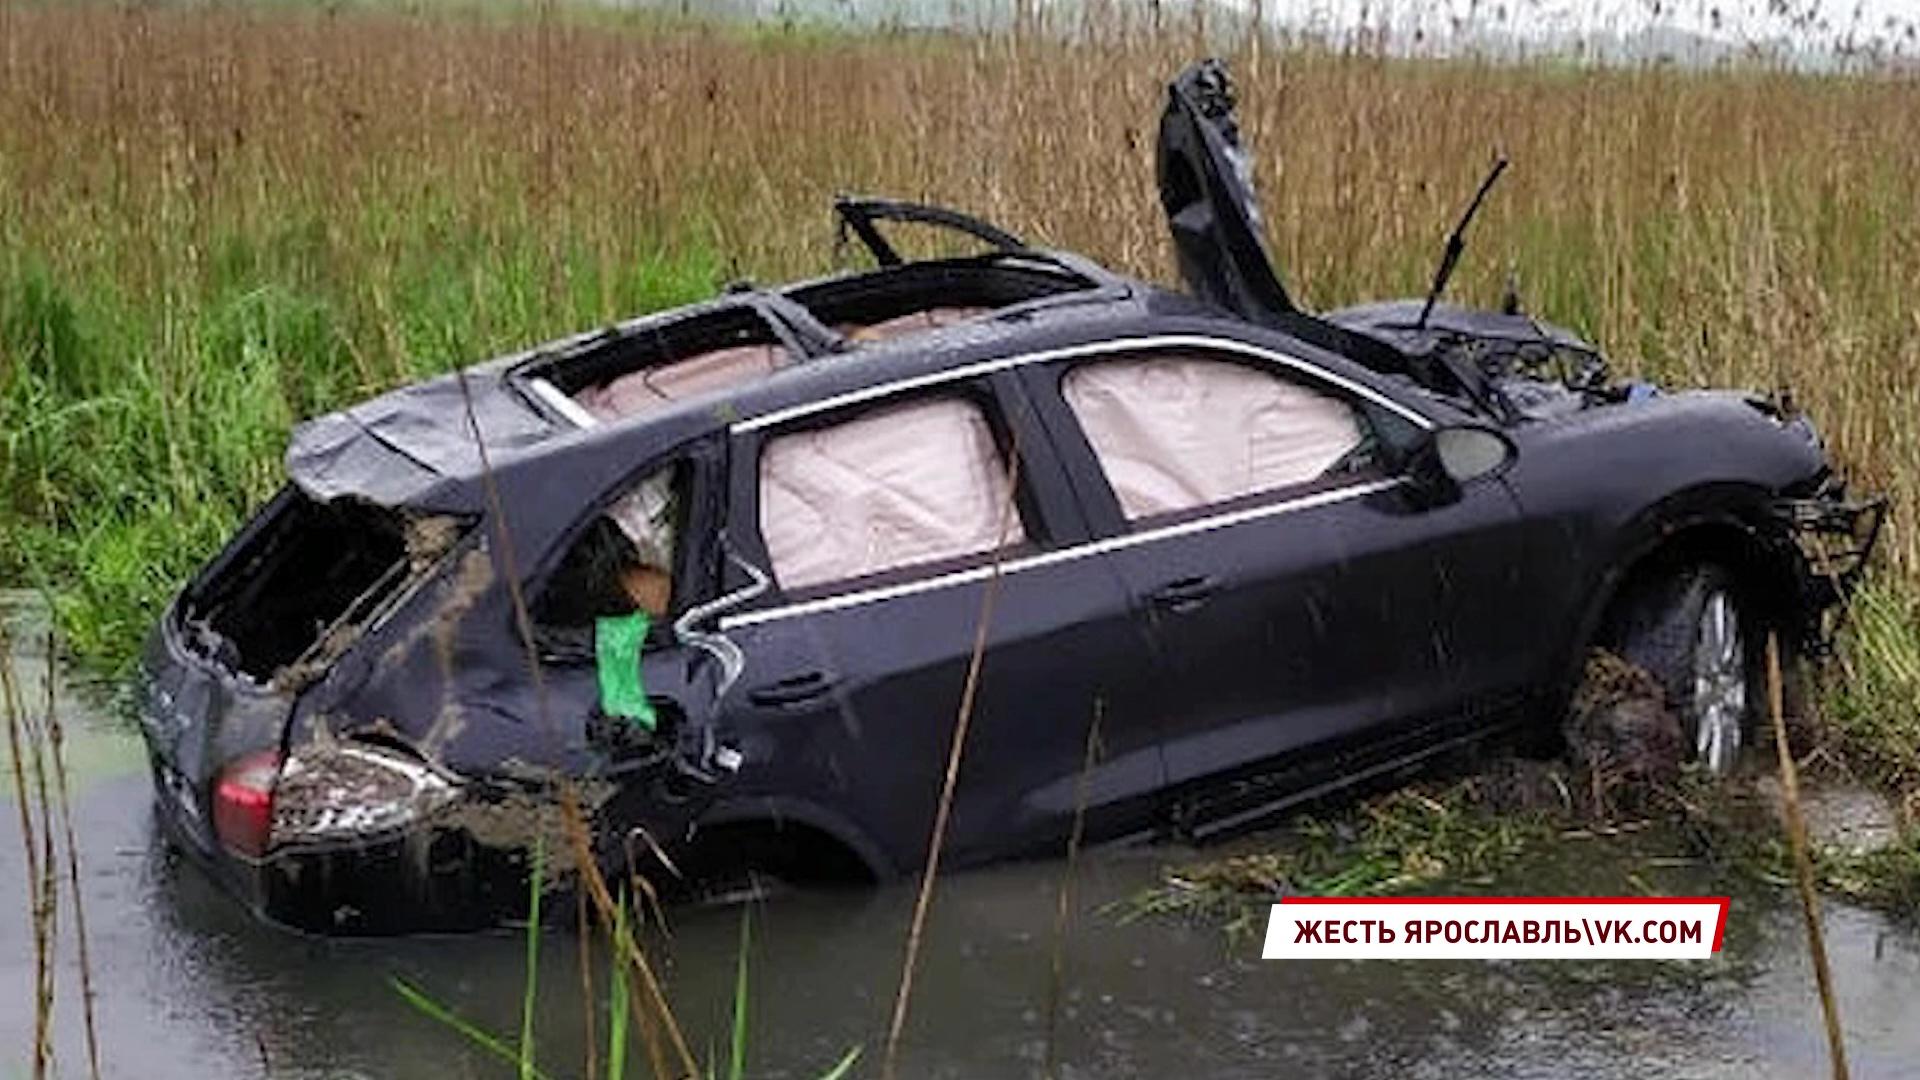 В Ростовском районе водитель врезалась в столб и слетела в кювет